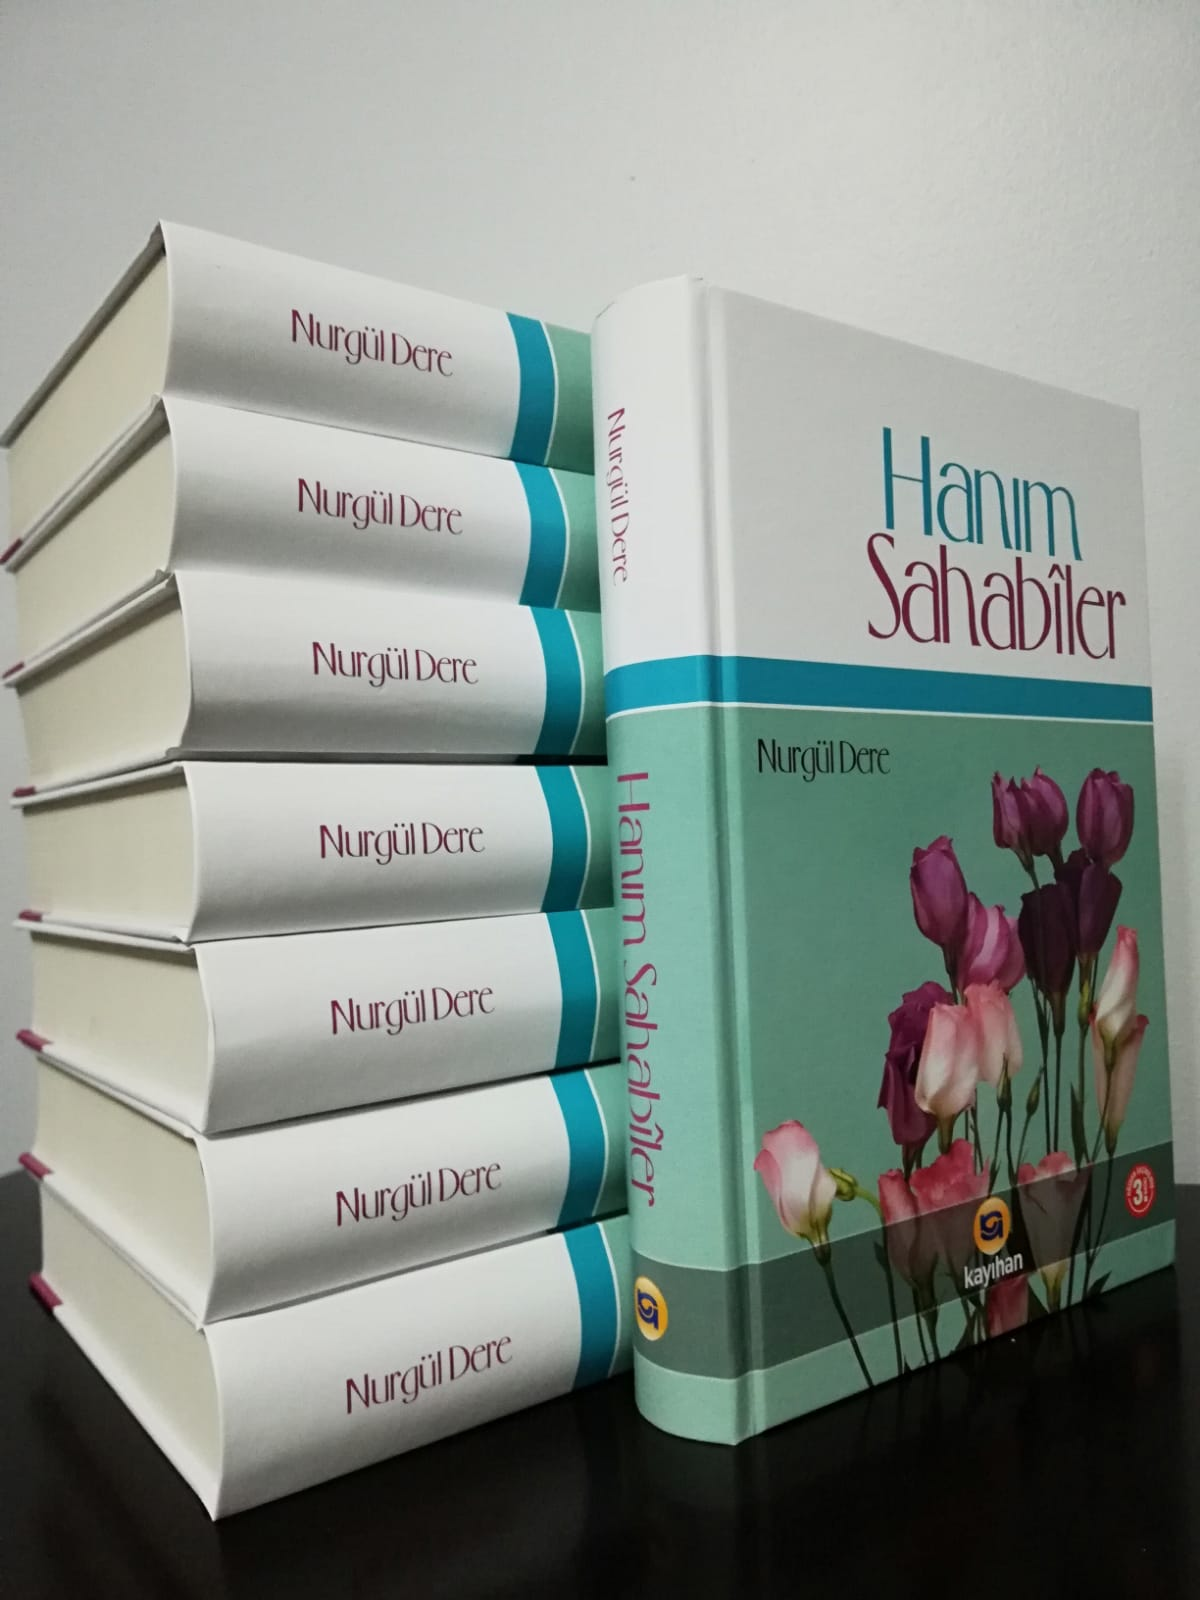 HANIM SAHABÎLERİN ÜÇÜNCÜ BASKISI ÇIKTI